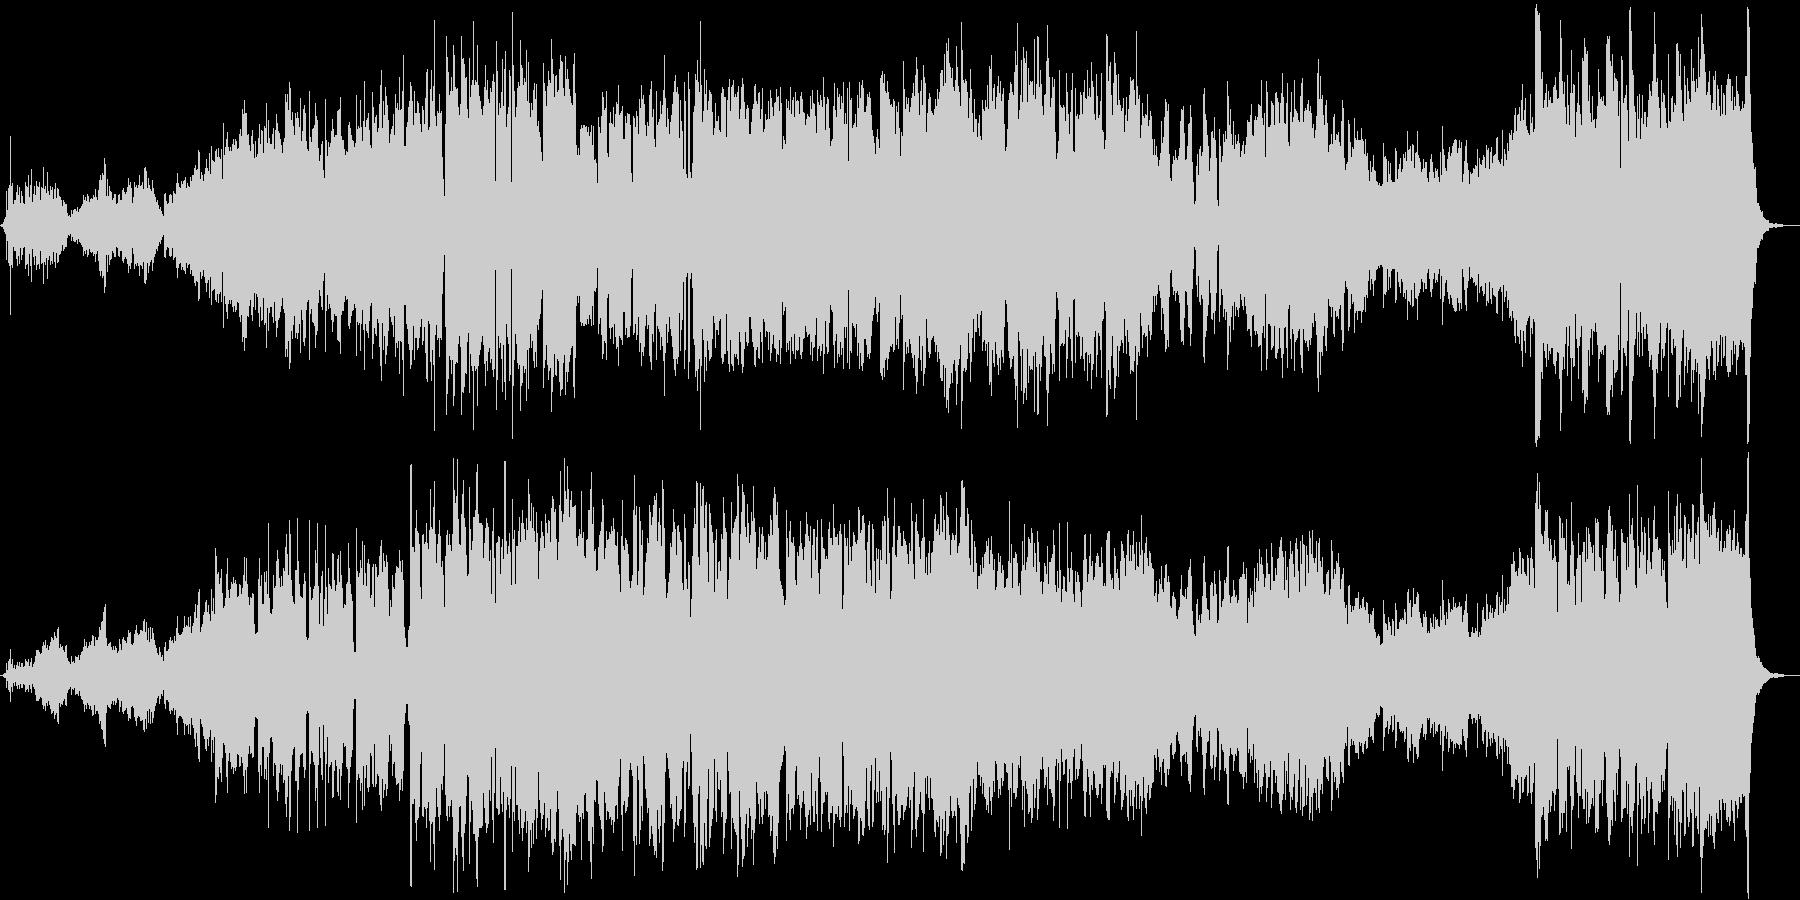 異国の雰囲気が漂う幻想的な木管五重奏の未再生の波形